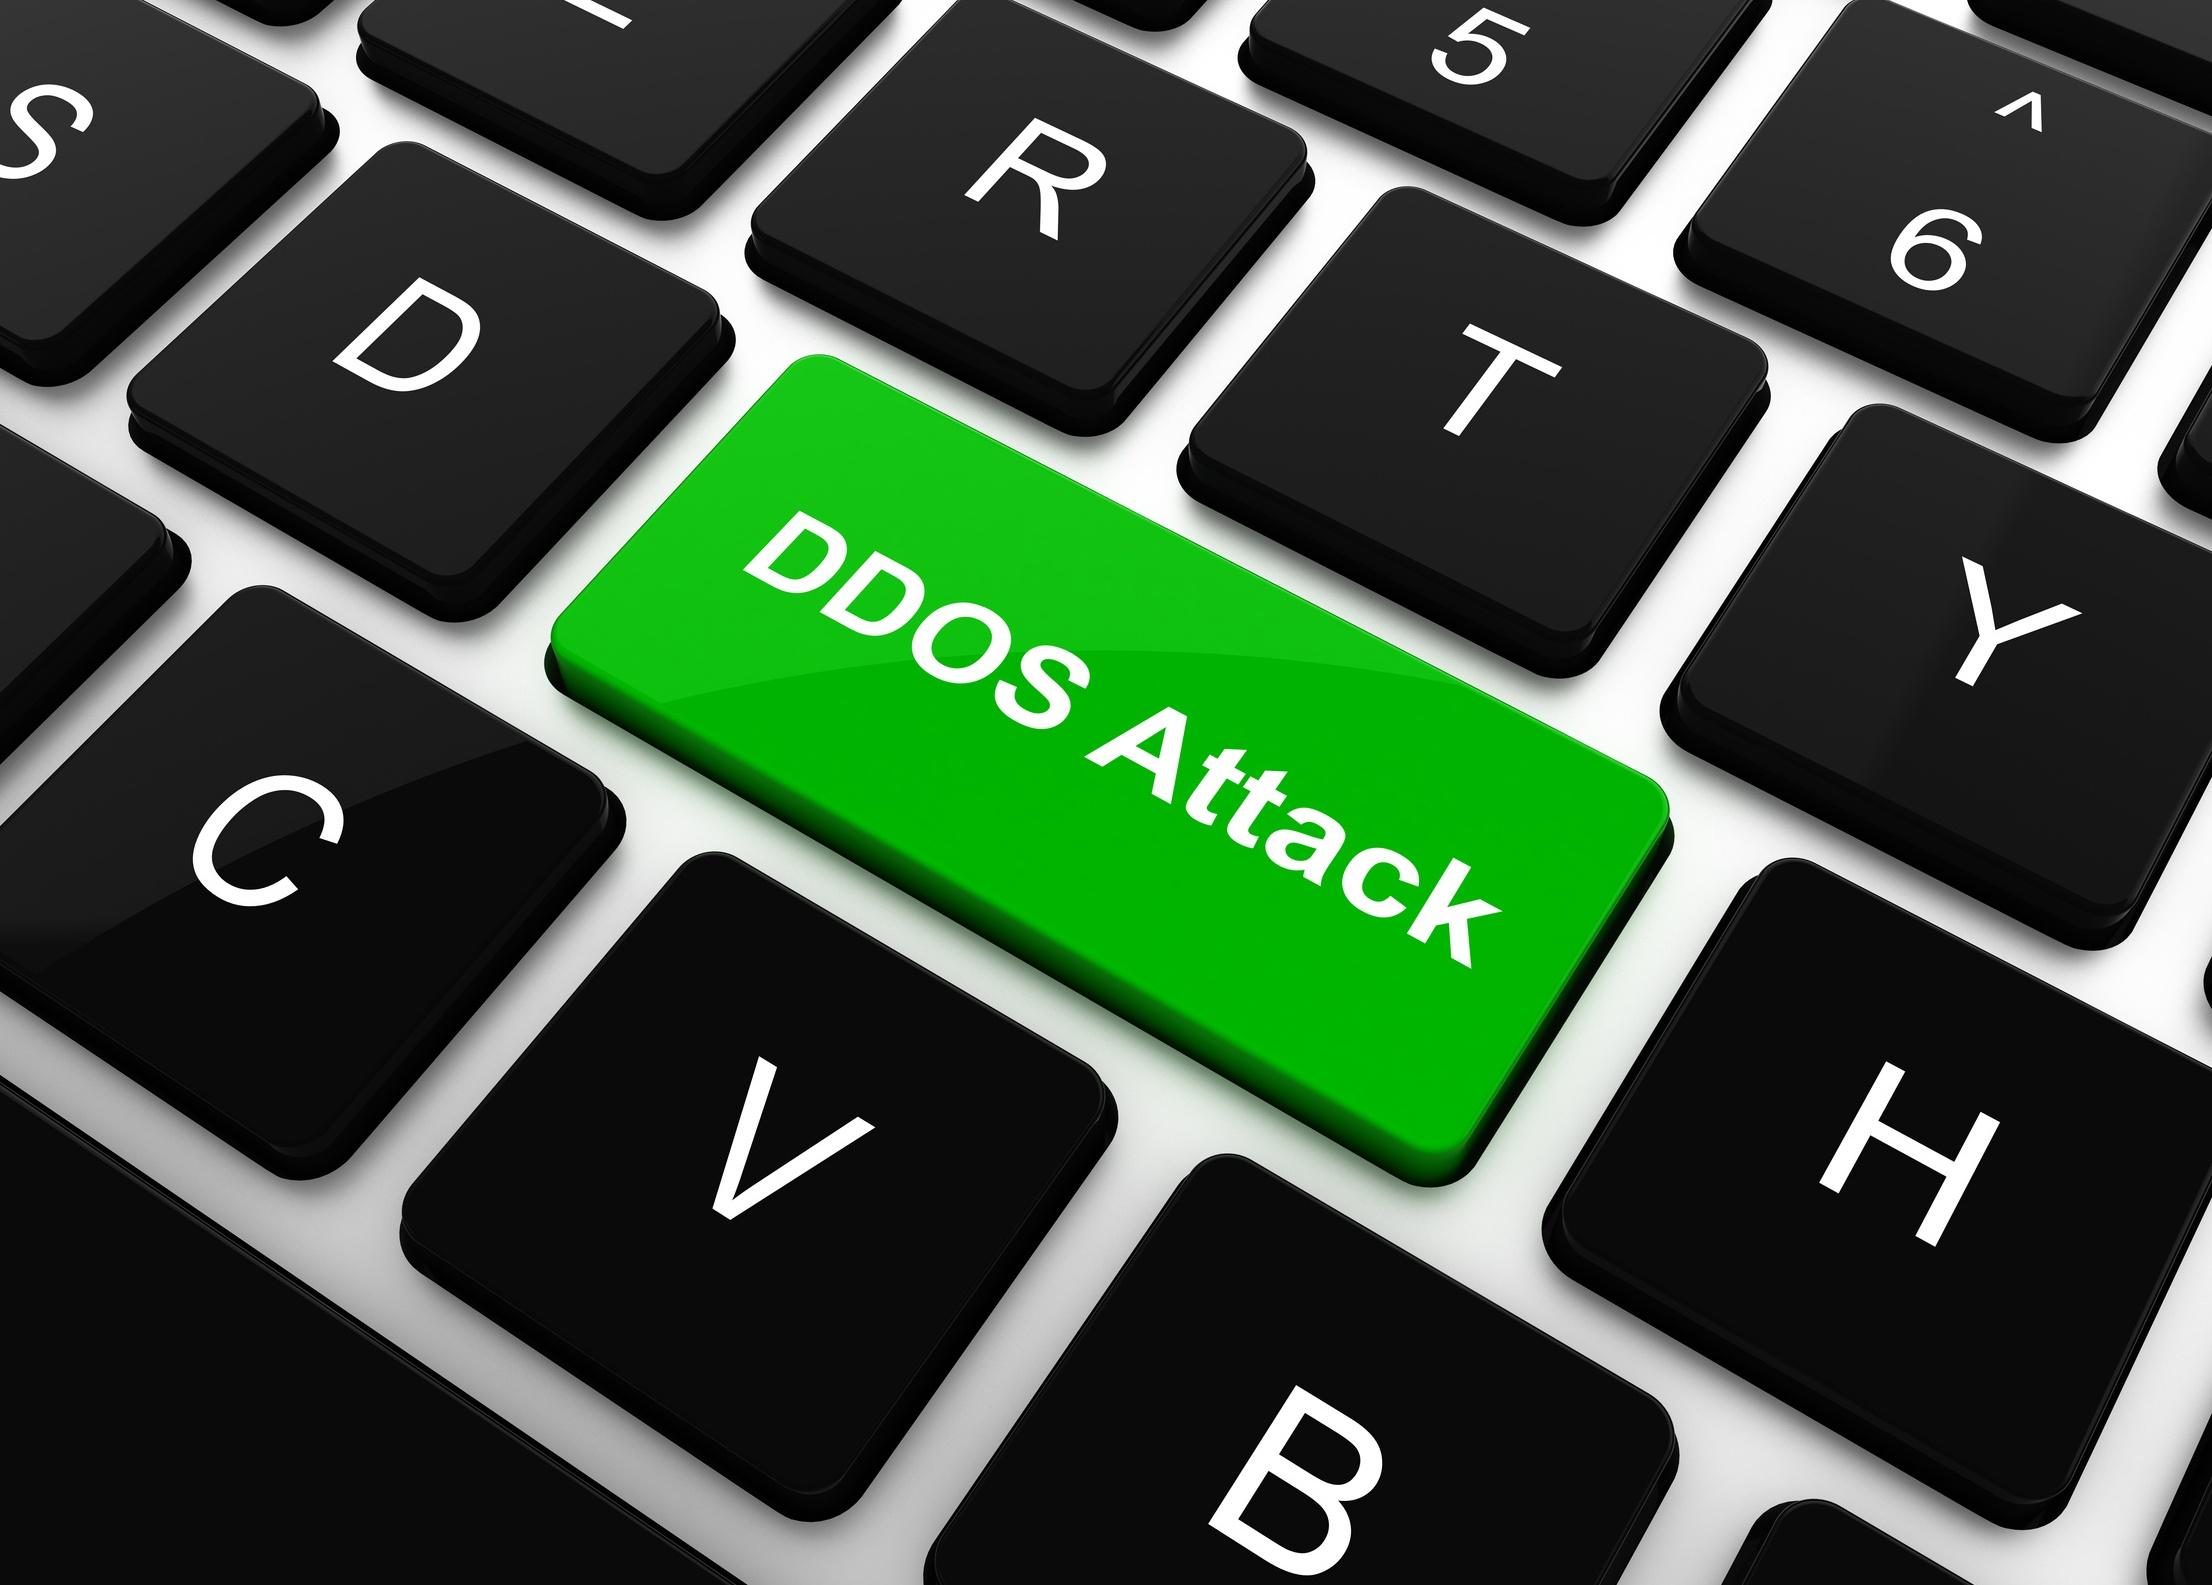 Negli ultimi 3 mesi del 2019 raddoppiano gli attacchi DDoS, ancora molto usati dai criminali in cerca di guadagni o spinti da motivazioni ideologiche